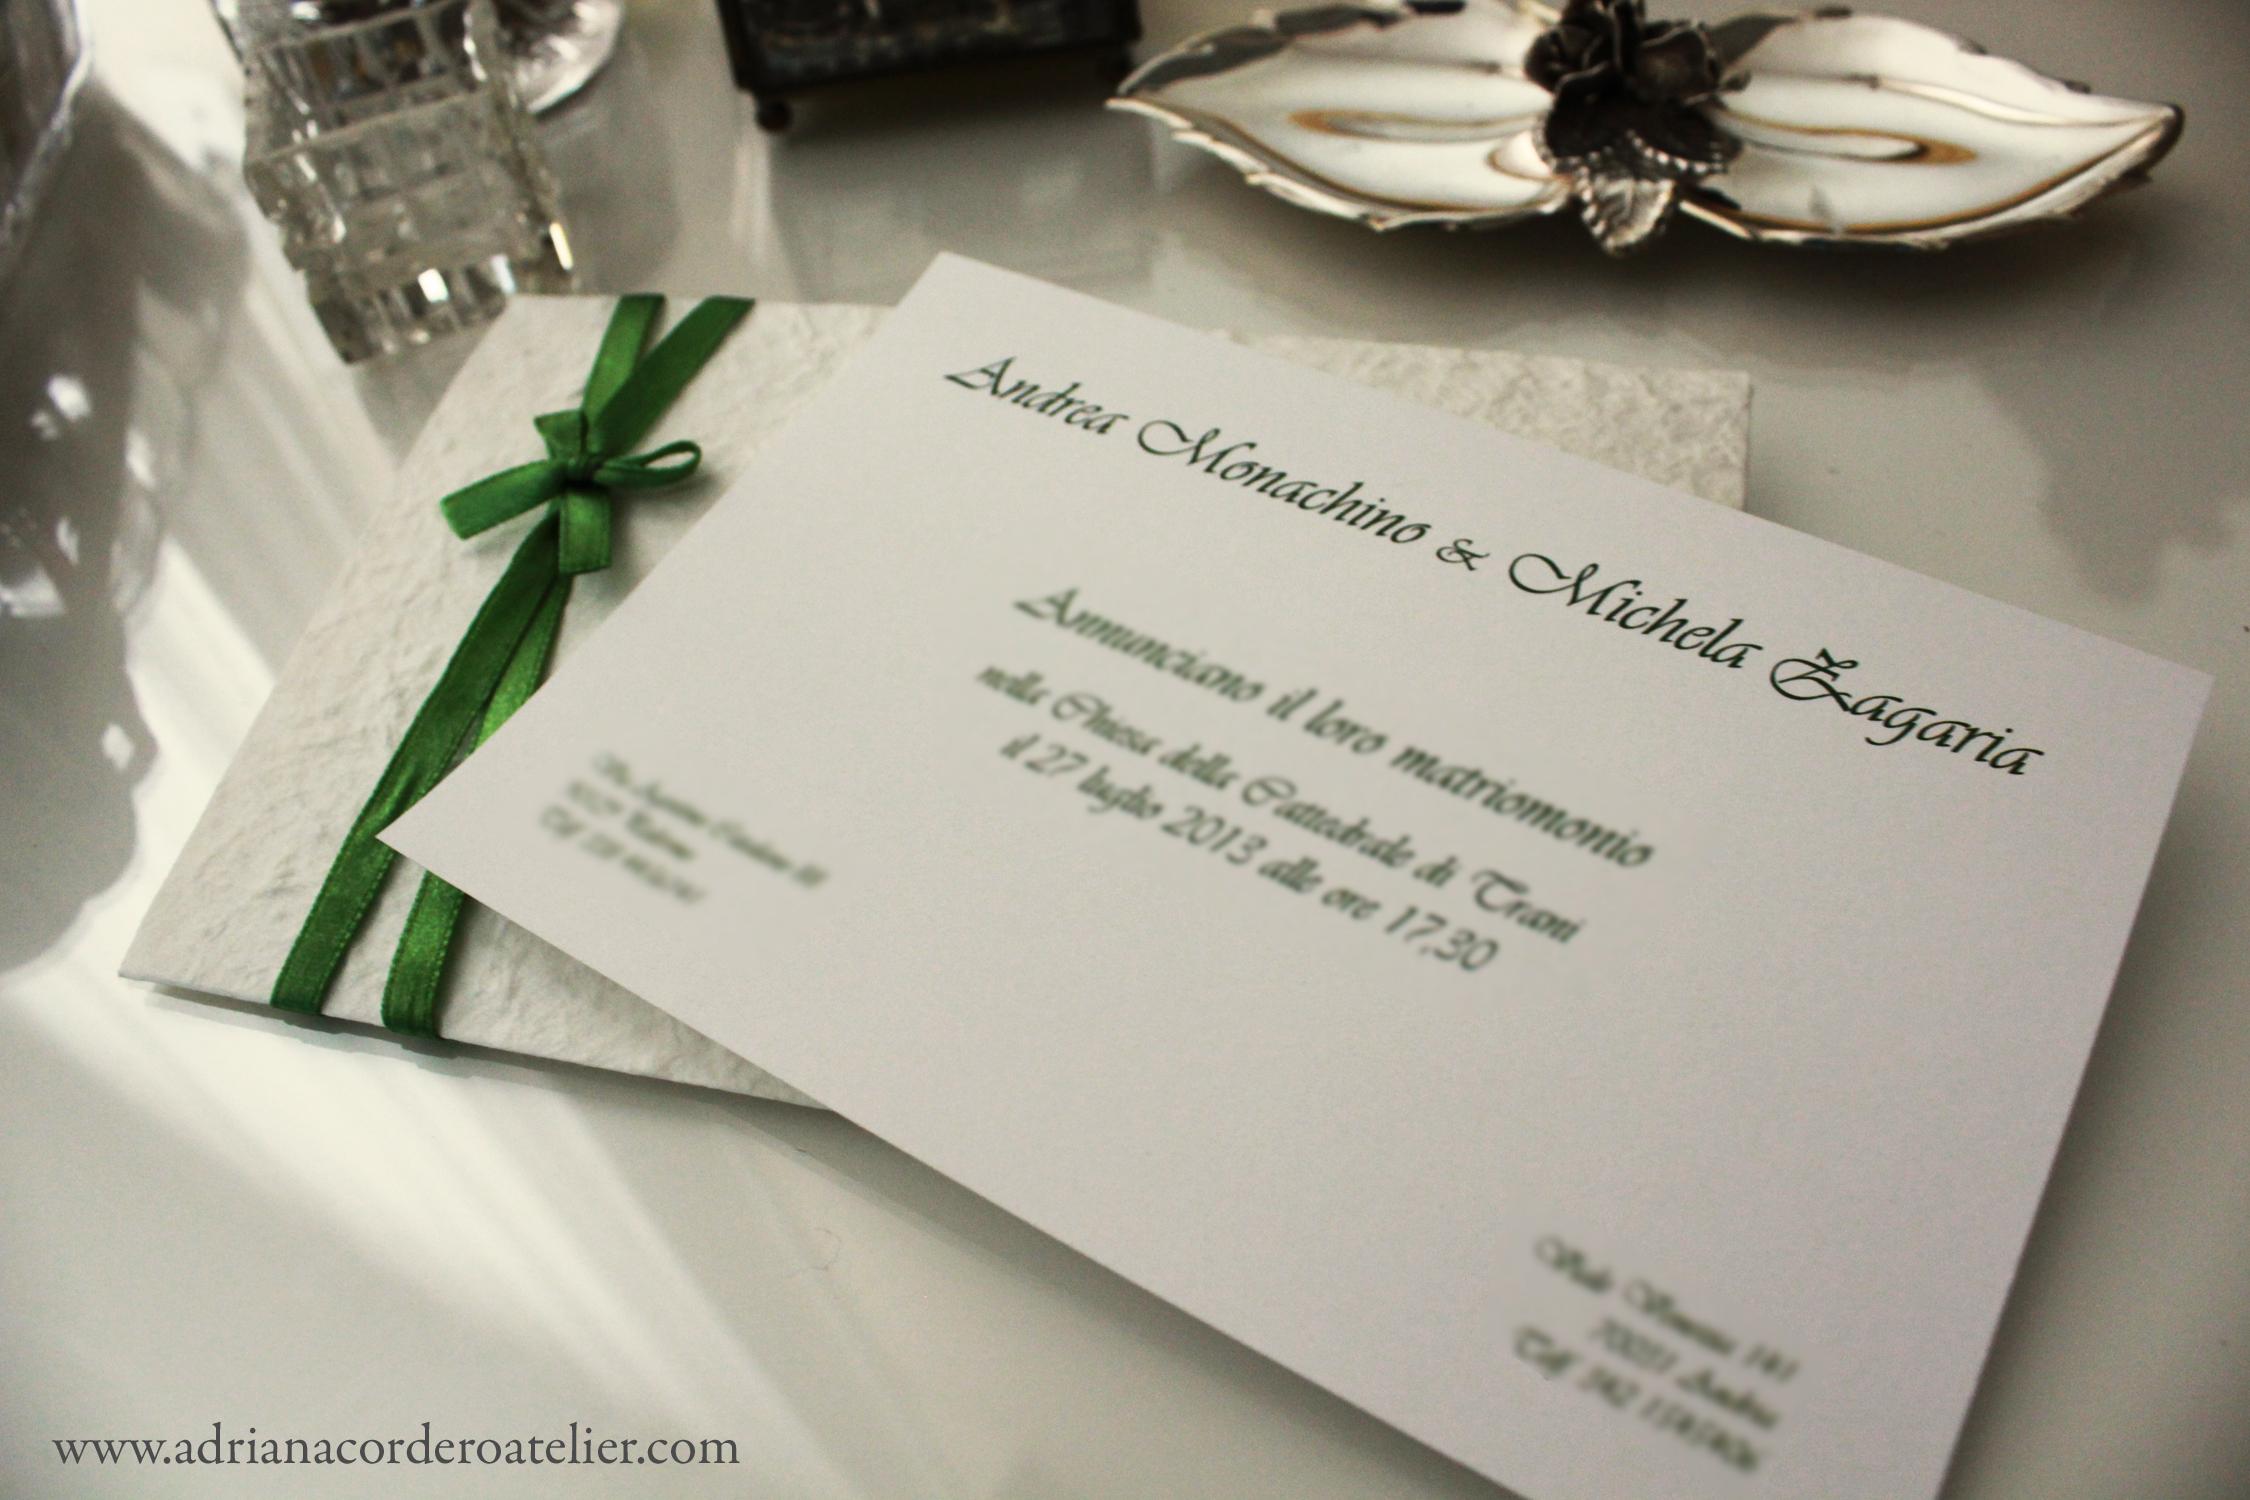 Inviti di nozze siti web immagini for Inviti per matrimonio